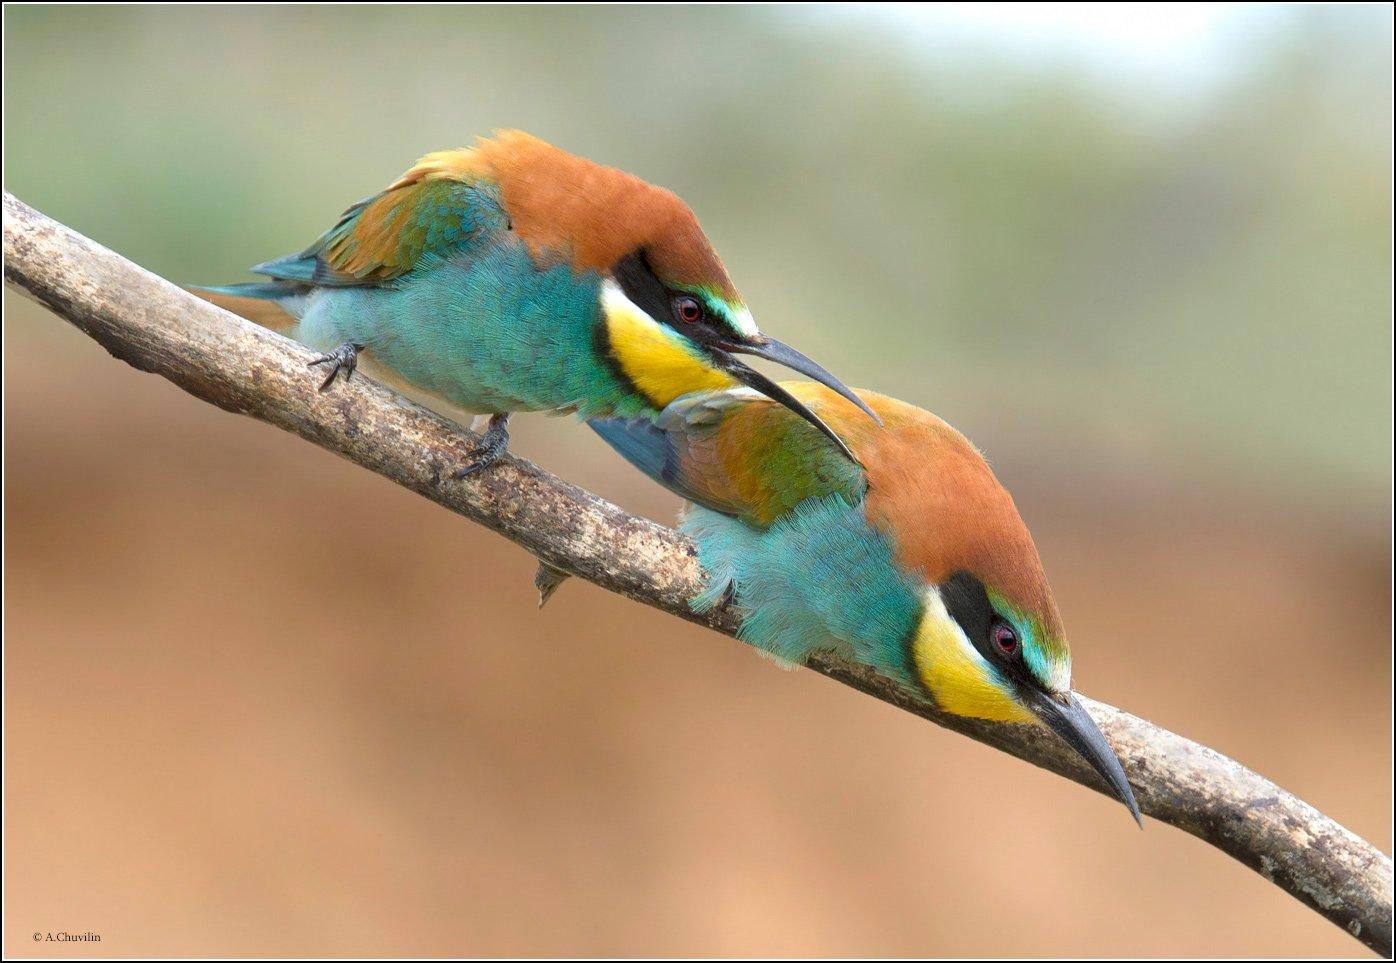 птицы,щурки,весна, Александр Чувилин